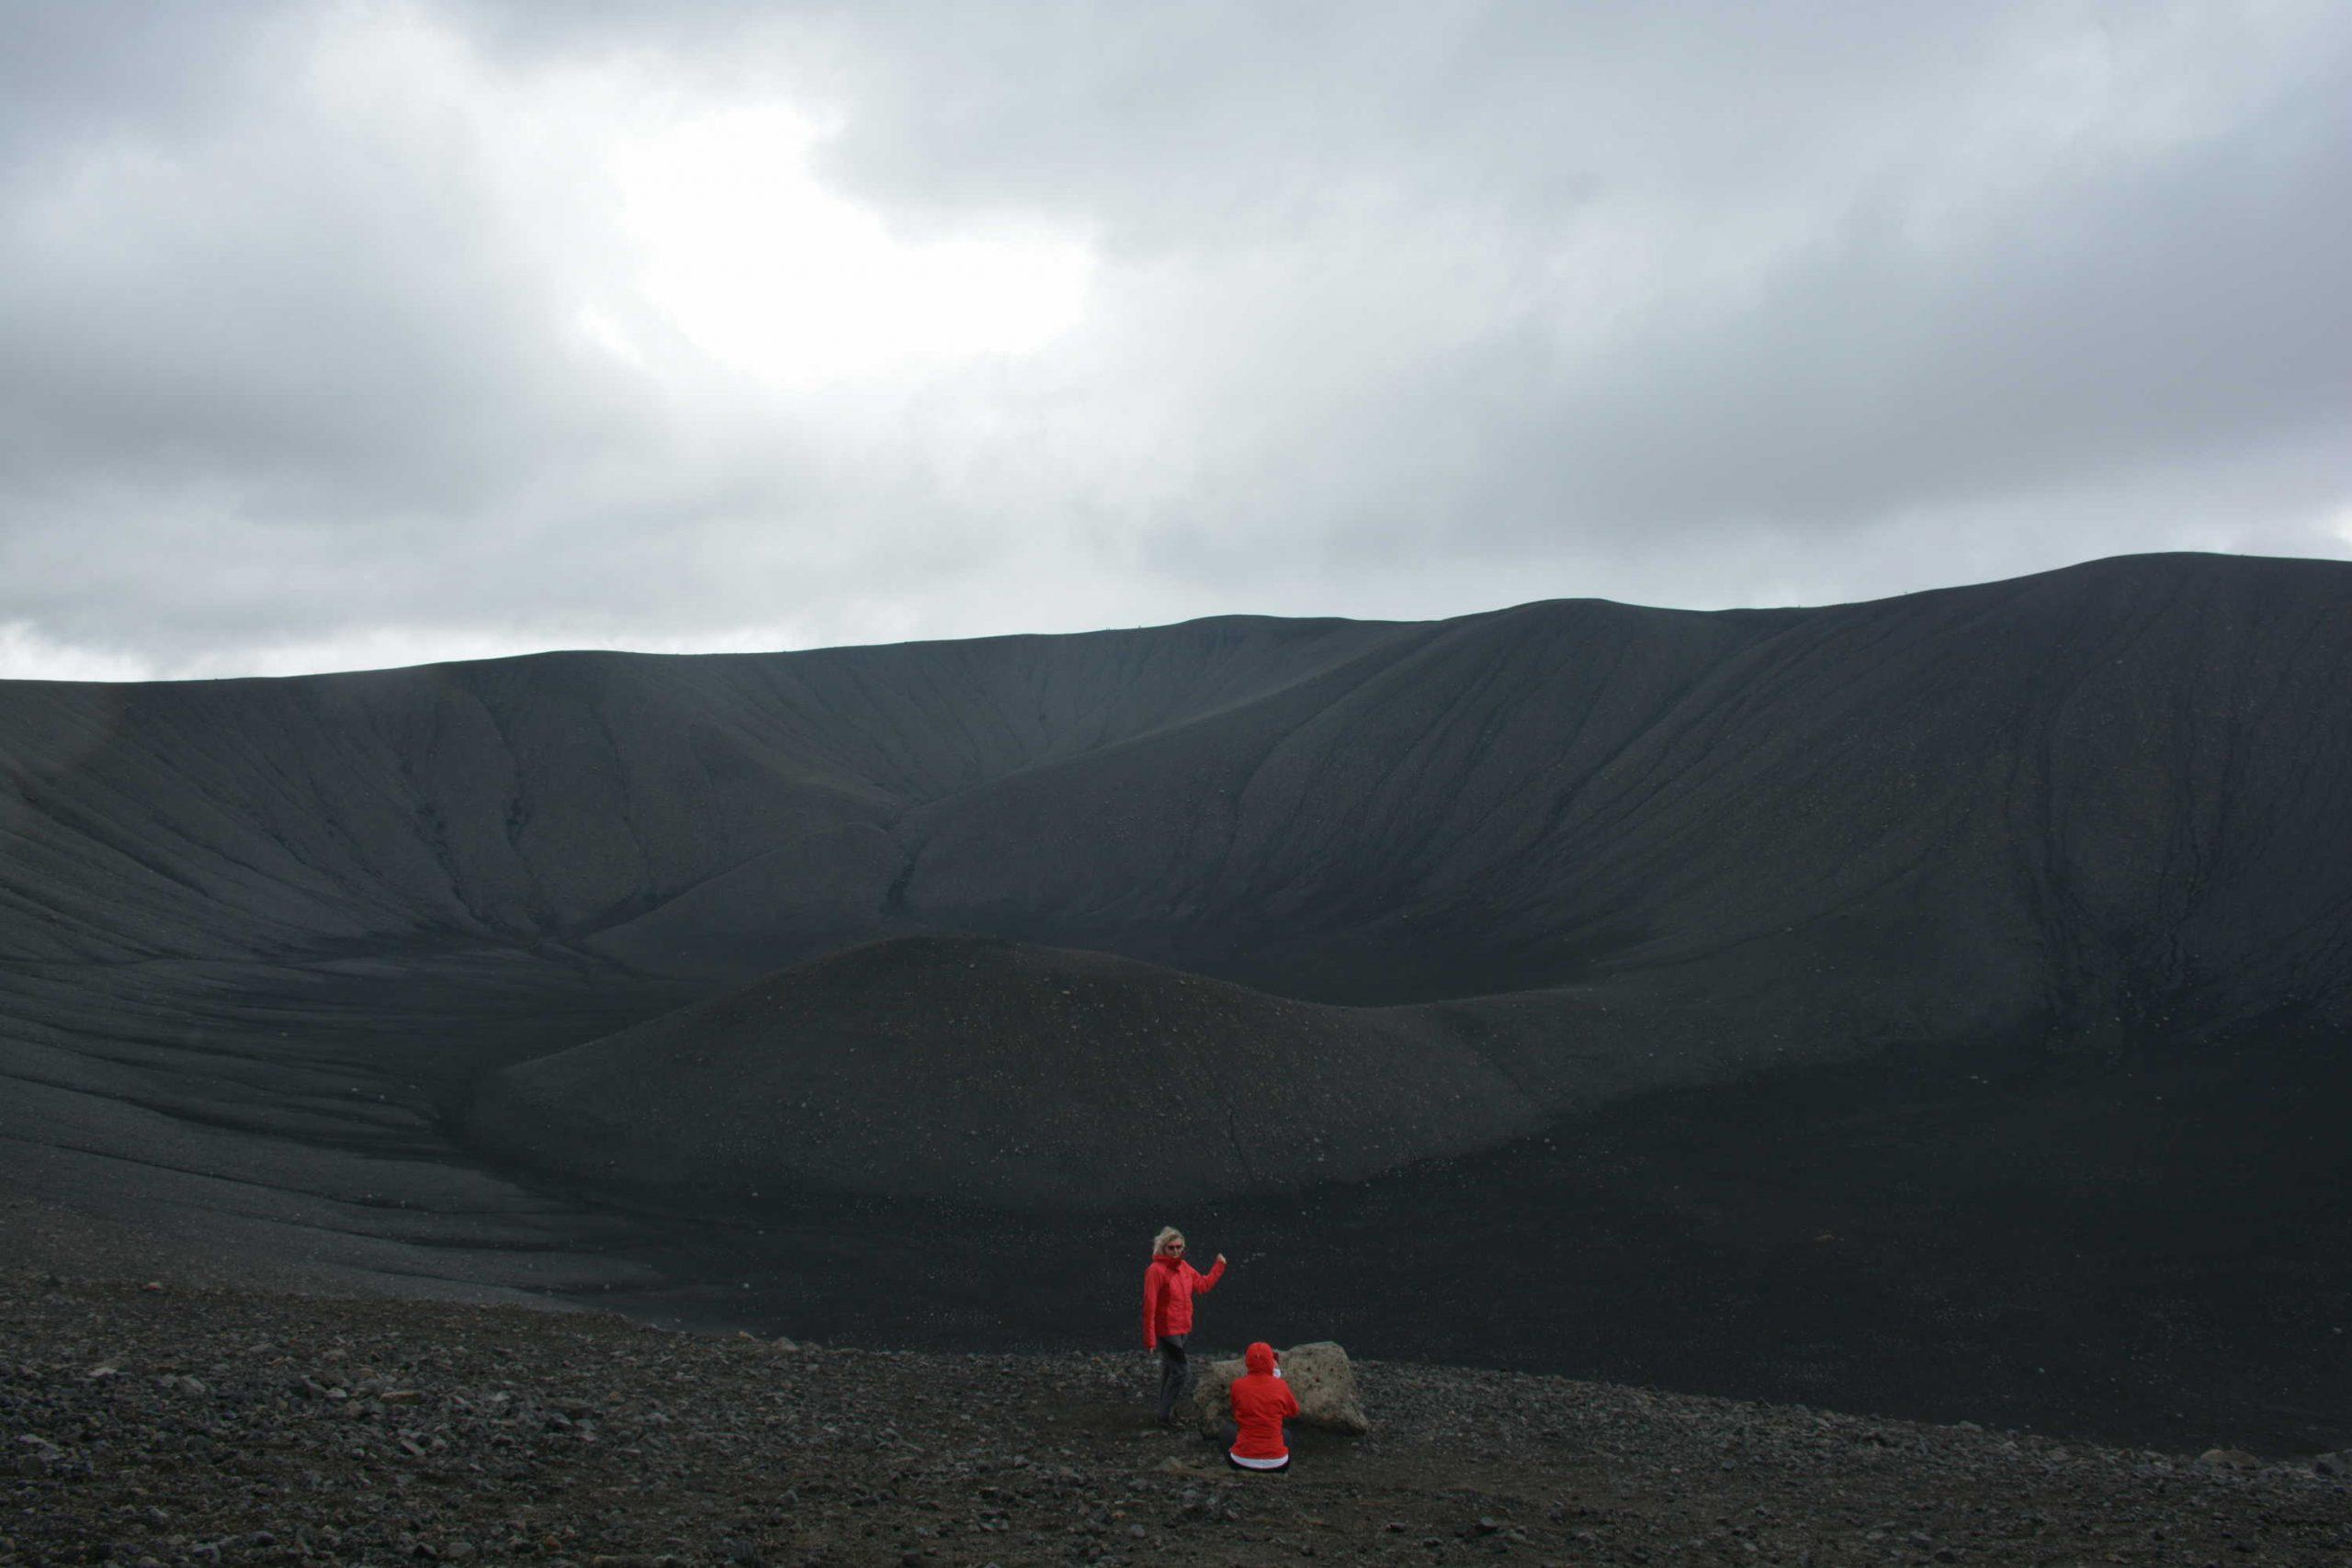 rastliny si na vulkán zatiaľ nenašli cestu